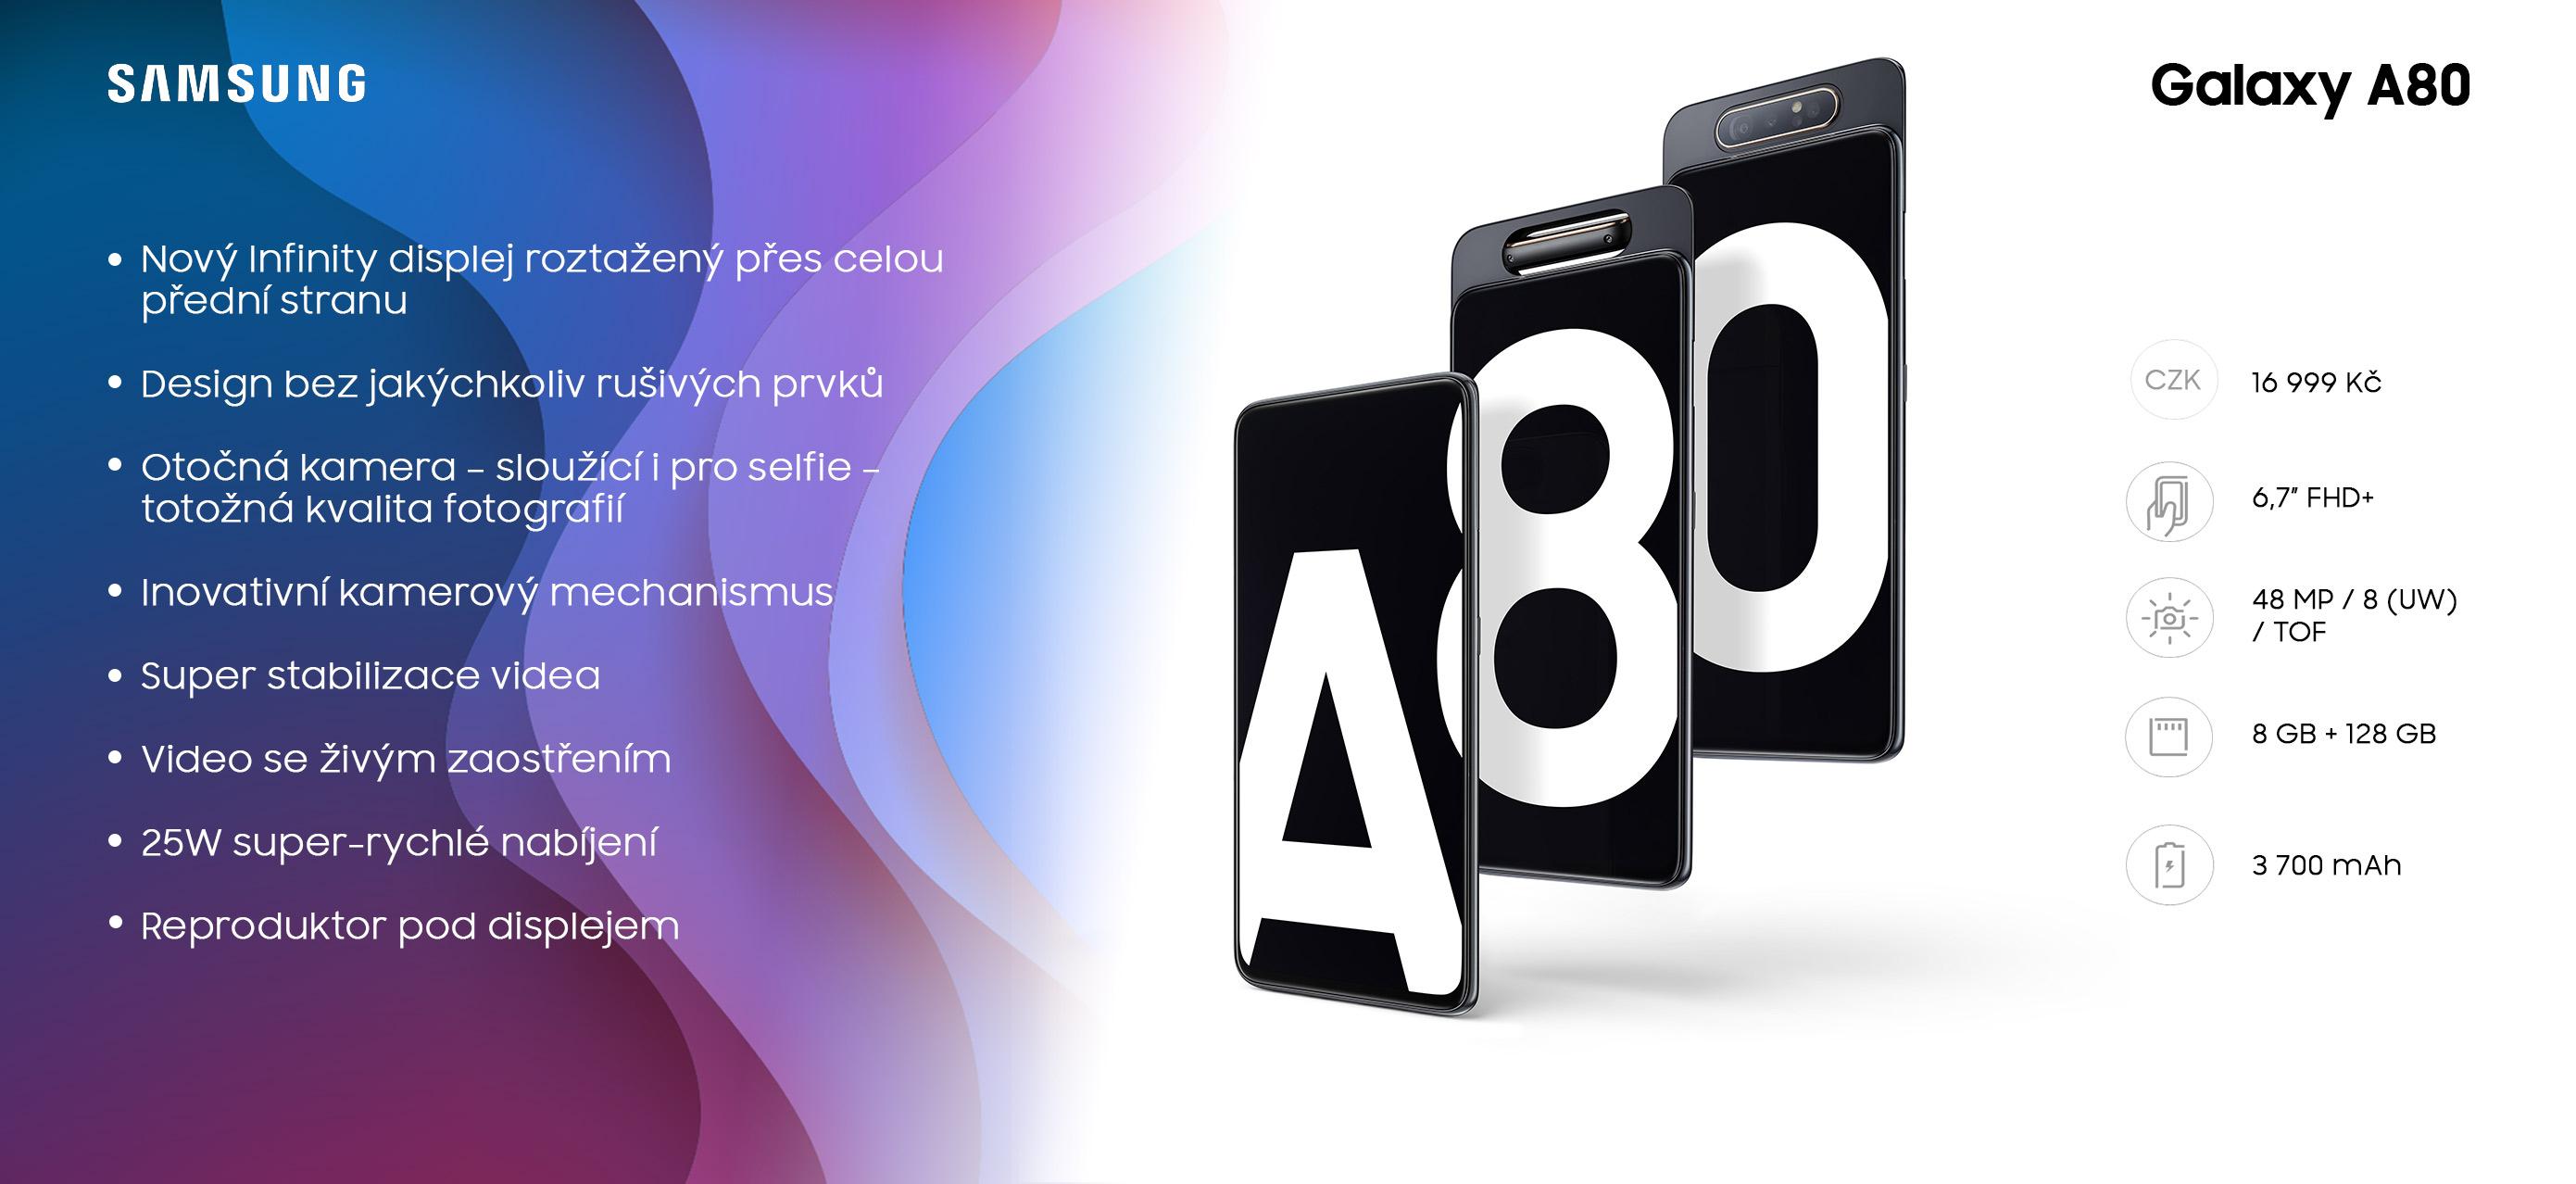 Samsung Galaxy A80 má otočný fotoaparát a displej bez otvorů